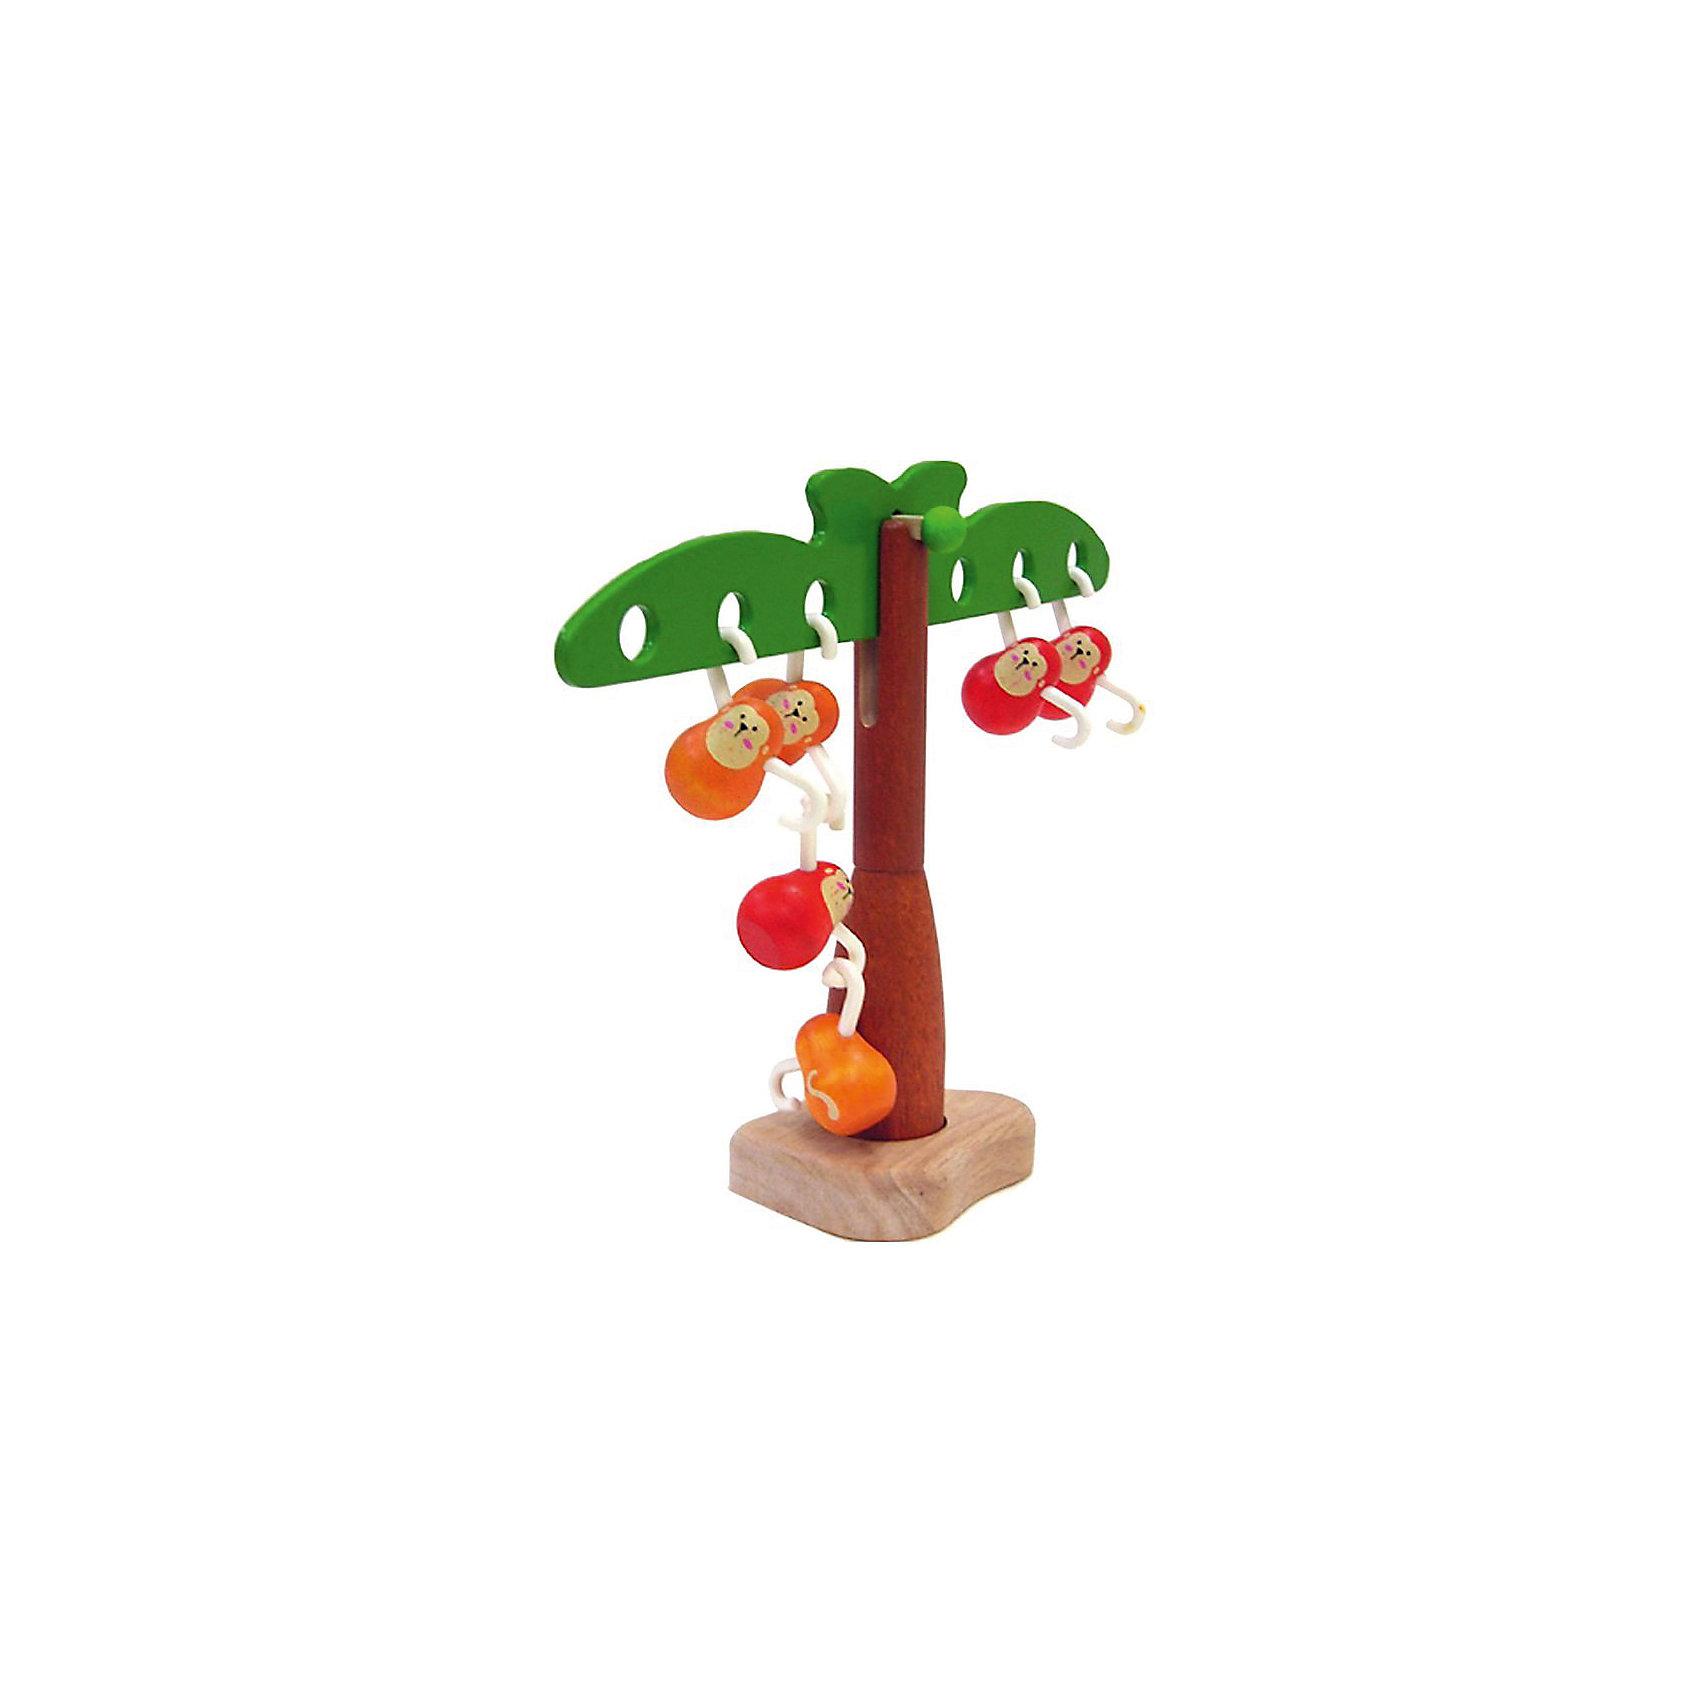 PLAN TOYS 5349 Игра Балансирующие обезьянкиХарактеристики игрушки:<br><br>• Предназначение: для развивающих и обучающих занятий<br>• Пол: универсальный<br>• Цвет: коричневый, красный, зеленый, оранжевый<br>• Материал: дерево<br>• Комплектация: дерево, 6 обезьянок<br>• Вес: 540 гр.<br>• Размеры (Д*Ш*В): 20*8*28 см<br><br>PLAN TOYS 5349 Игра Балансирующие обезьянки – эта увлекательная игра позволит в легкой форме объяснить ребенку законы равновесия и освоить первые математические действия на наглядном примере.  Комплект состоит из дерева с раскидистыми ветками по двум сторонам с отверстиями и 6-ти фигурок обезьянок, лапки у которых сделаны в форме крючка. Обезьянки крепятся как на ветви дерева, так и между собой. Игрушка выполнена из экологически безопасного материала – каучукового дерева, использованные краски нетоксичны, у элементов игрушки отсутствуют острые углы, что делает ее полностью безопасной.<br><br>PLAN TOYS 5349 Игра Балансирующие обезьянки позволит познакомить ребенка с увлекательным миром исследований в области физики и математики, а также научит проводить самостоятельно эксперименты. <br><br>PLAN TOYS 5349 Игру Балансирующие обезьянки можно купить в нашем интернет-магазине.<br><br>Подробнее:<br>Для детей в возрасте: от 2 до 4 лет<br>Номер товара: 2175281<br>Страна производитель: Тайланд<br><br>Ширина мм: 75<br>Глубина мм: 230<br>Высота мм: 188<br>Вес г: 540<br>Возраст от месяцев: 24<br>Возраст до месяцев: 48<br>Пол: Унисекс<br>Возраст: Детский<br>SKU: 2175281